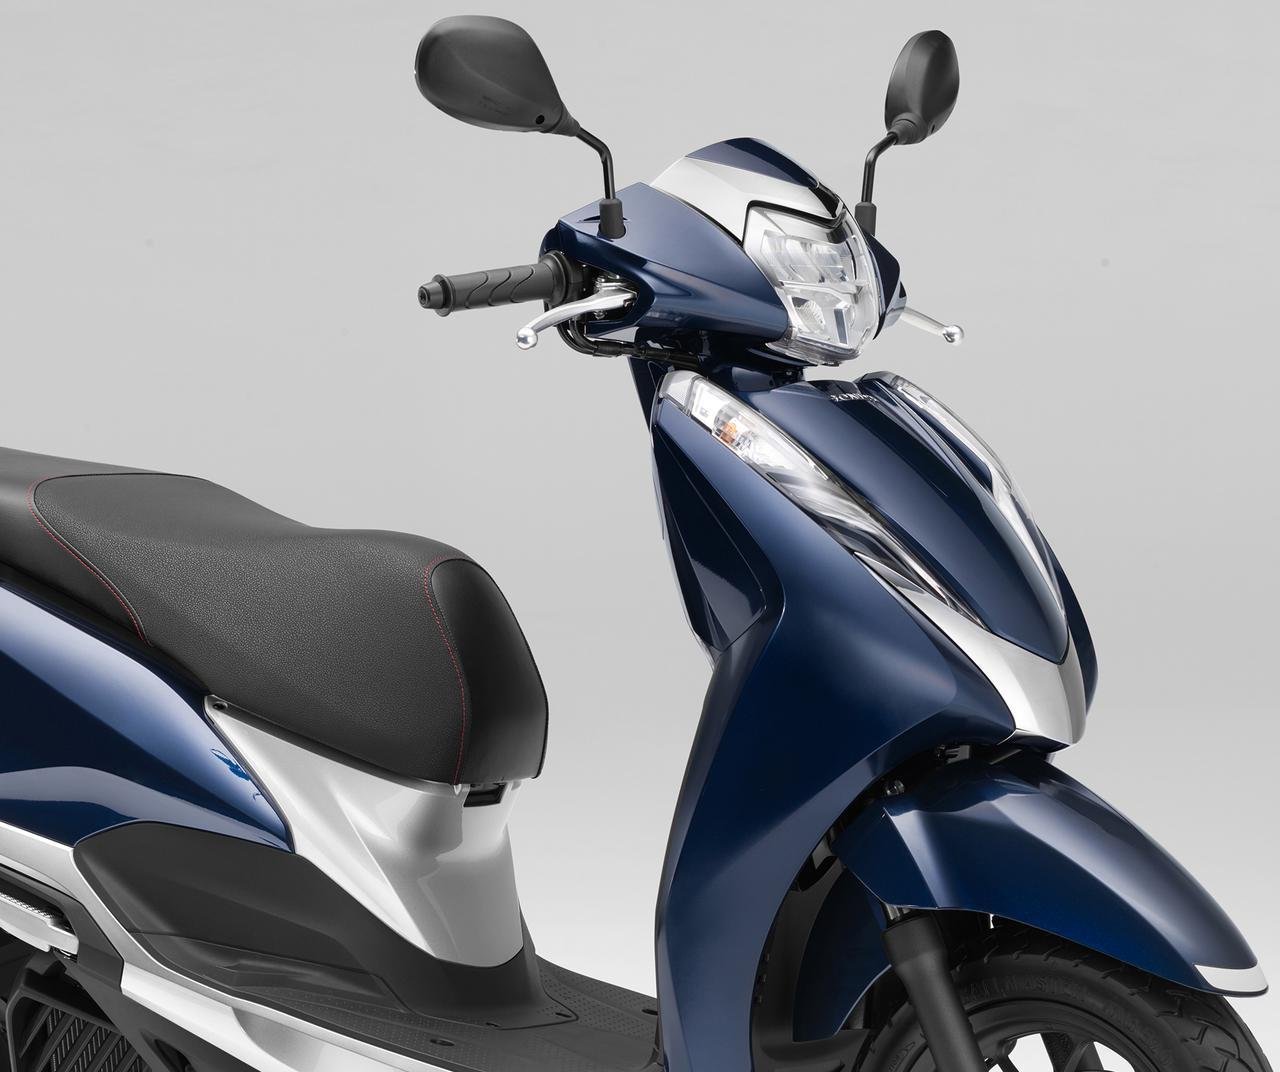 画像: いまイチオシの原付二種125cc通勤スクーター【ホンダ編】スリムで軽快、収納力も抜群な「リード125」 - webオートバイ